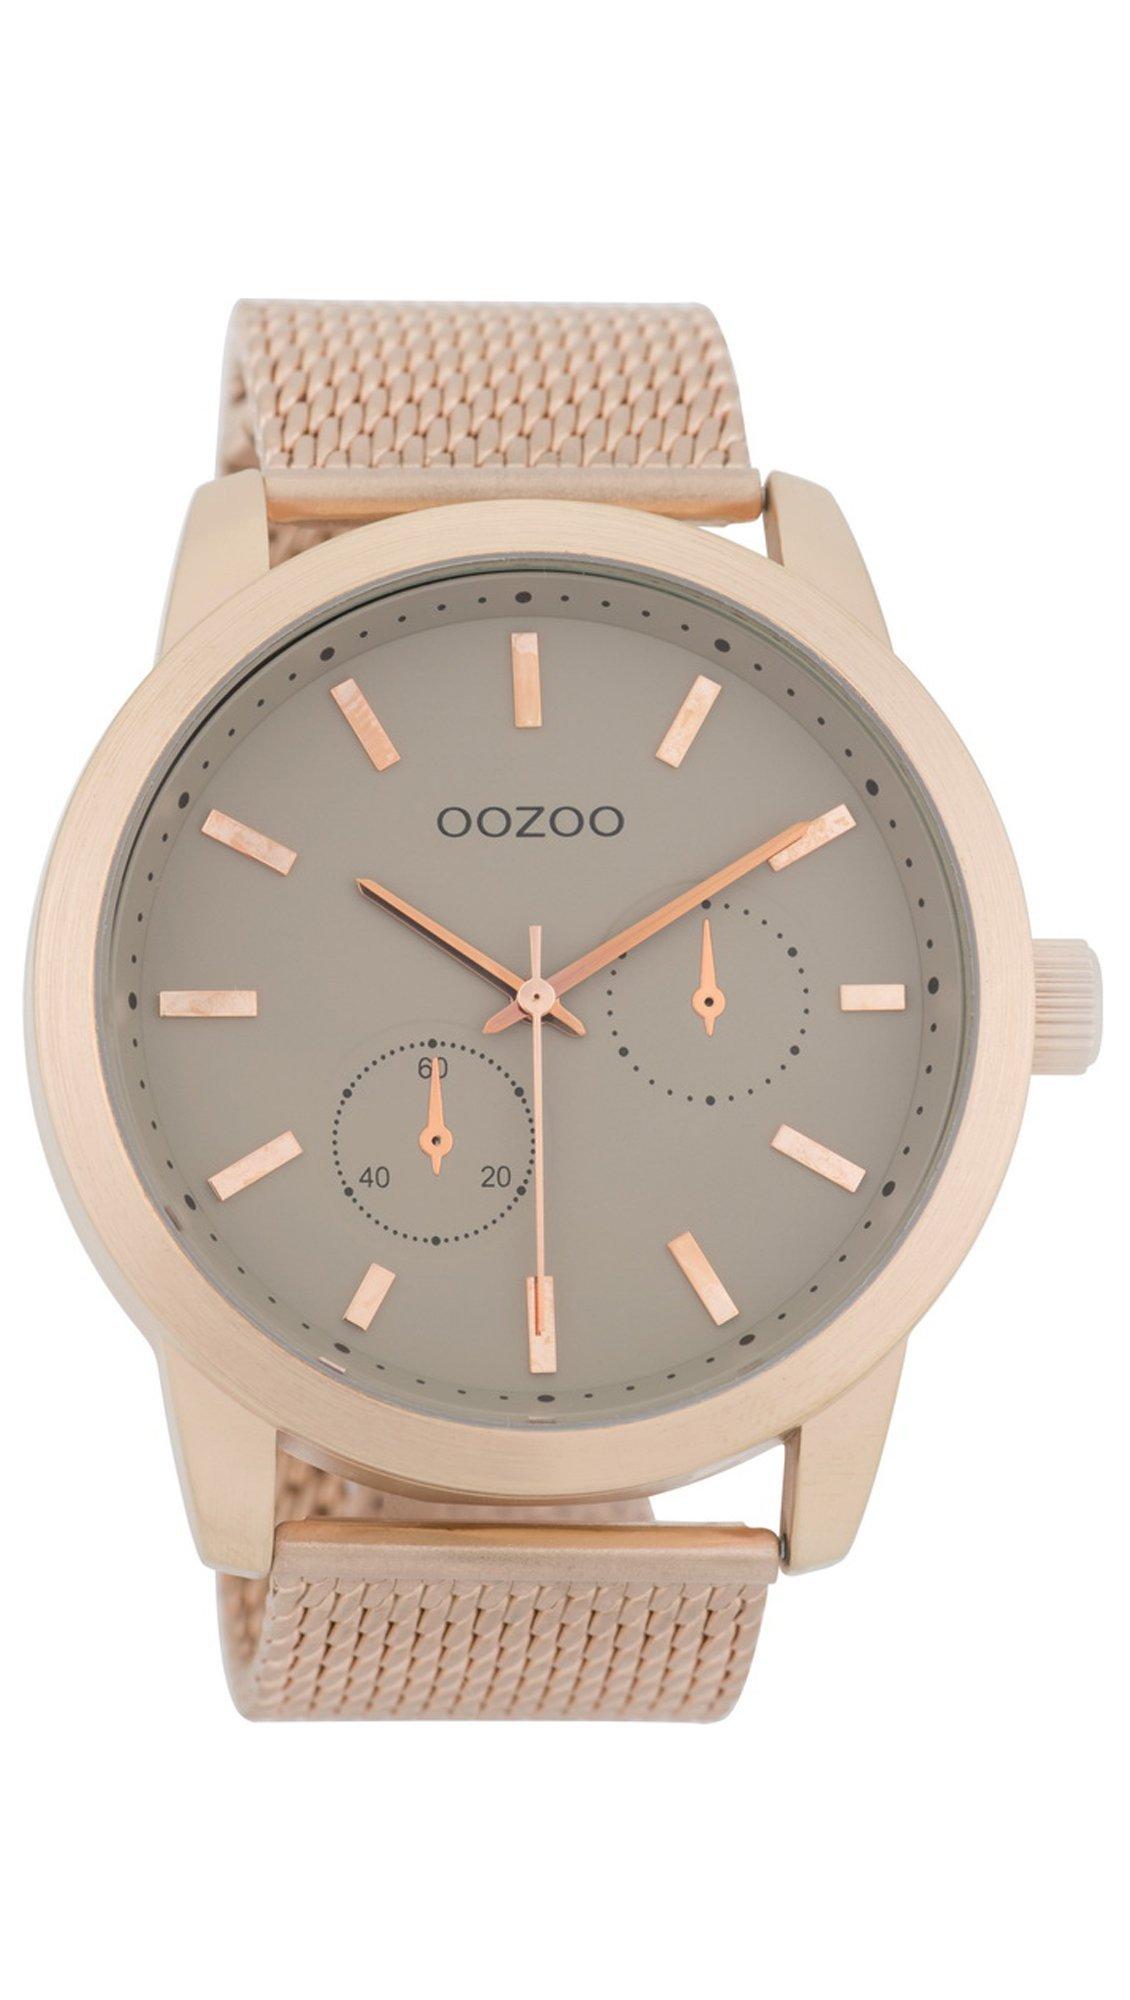 Ρολόι OOZOO Timepieces με ροζ χρυσό μπρασελέ και γκρι καντράν C9662 ... b2ca0fd9887